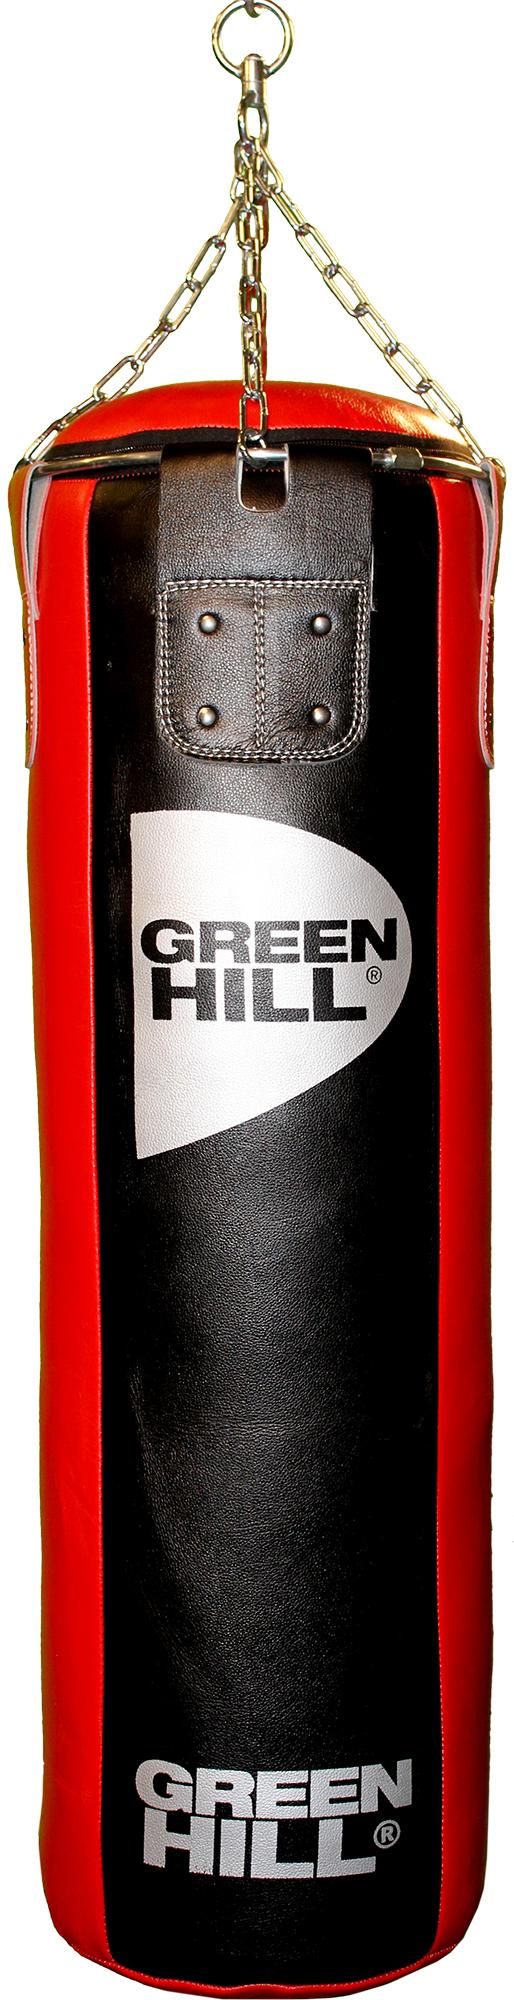 Green Hill Мешок набивной Green Hill, 47 кг